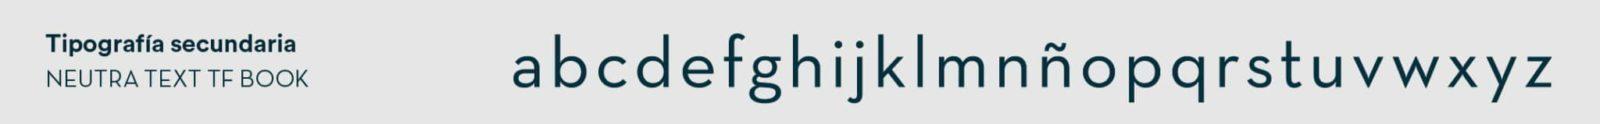 Tipografía secundaria de Magalarte Zamudio